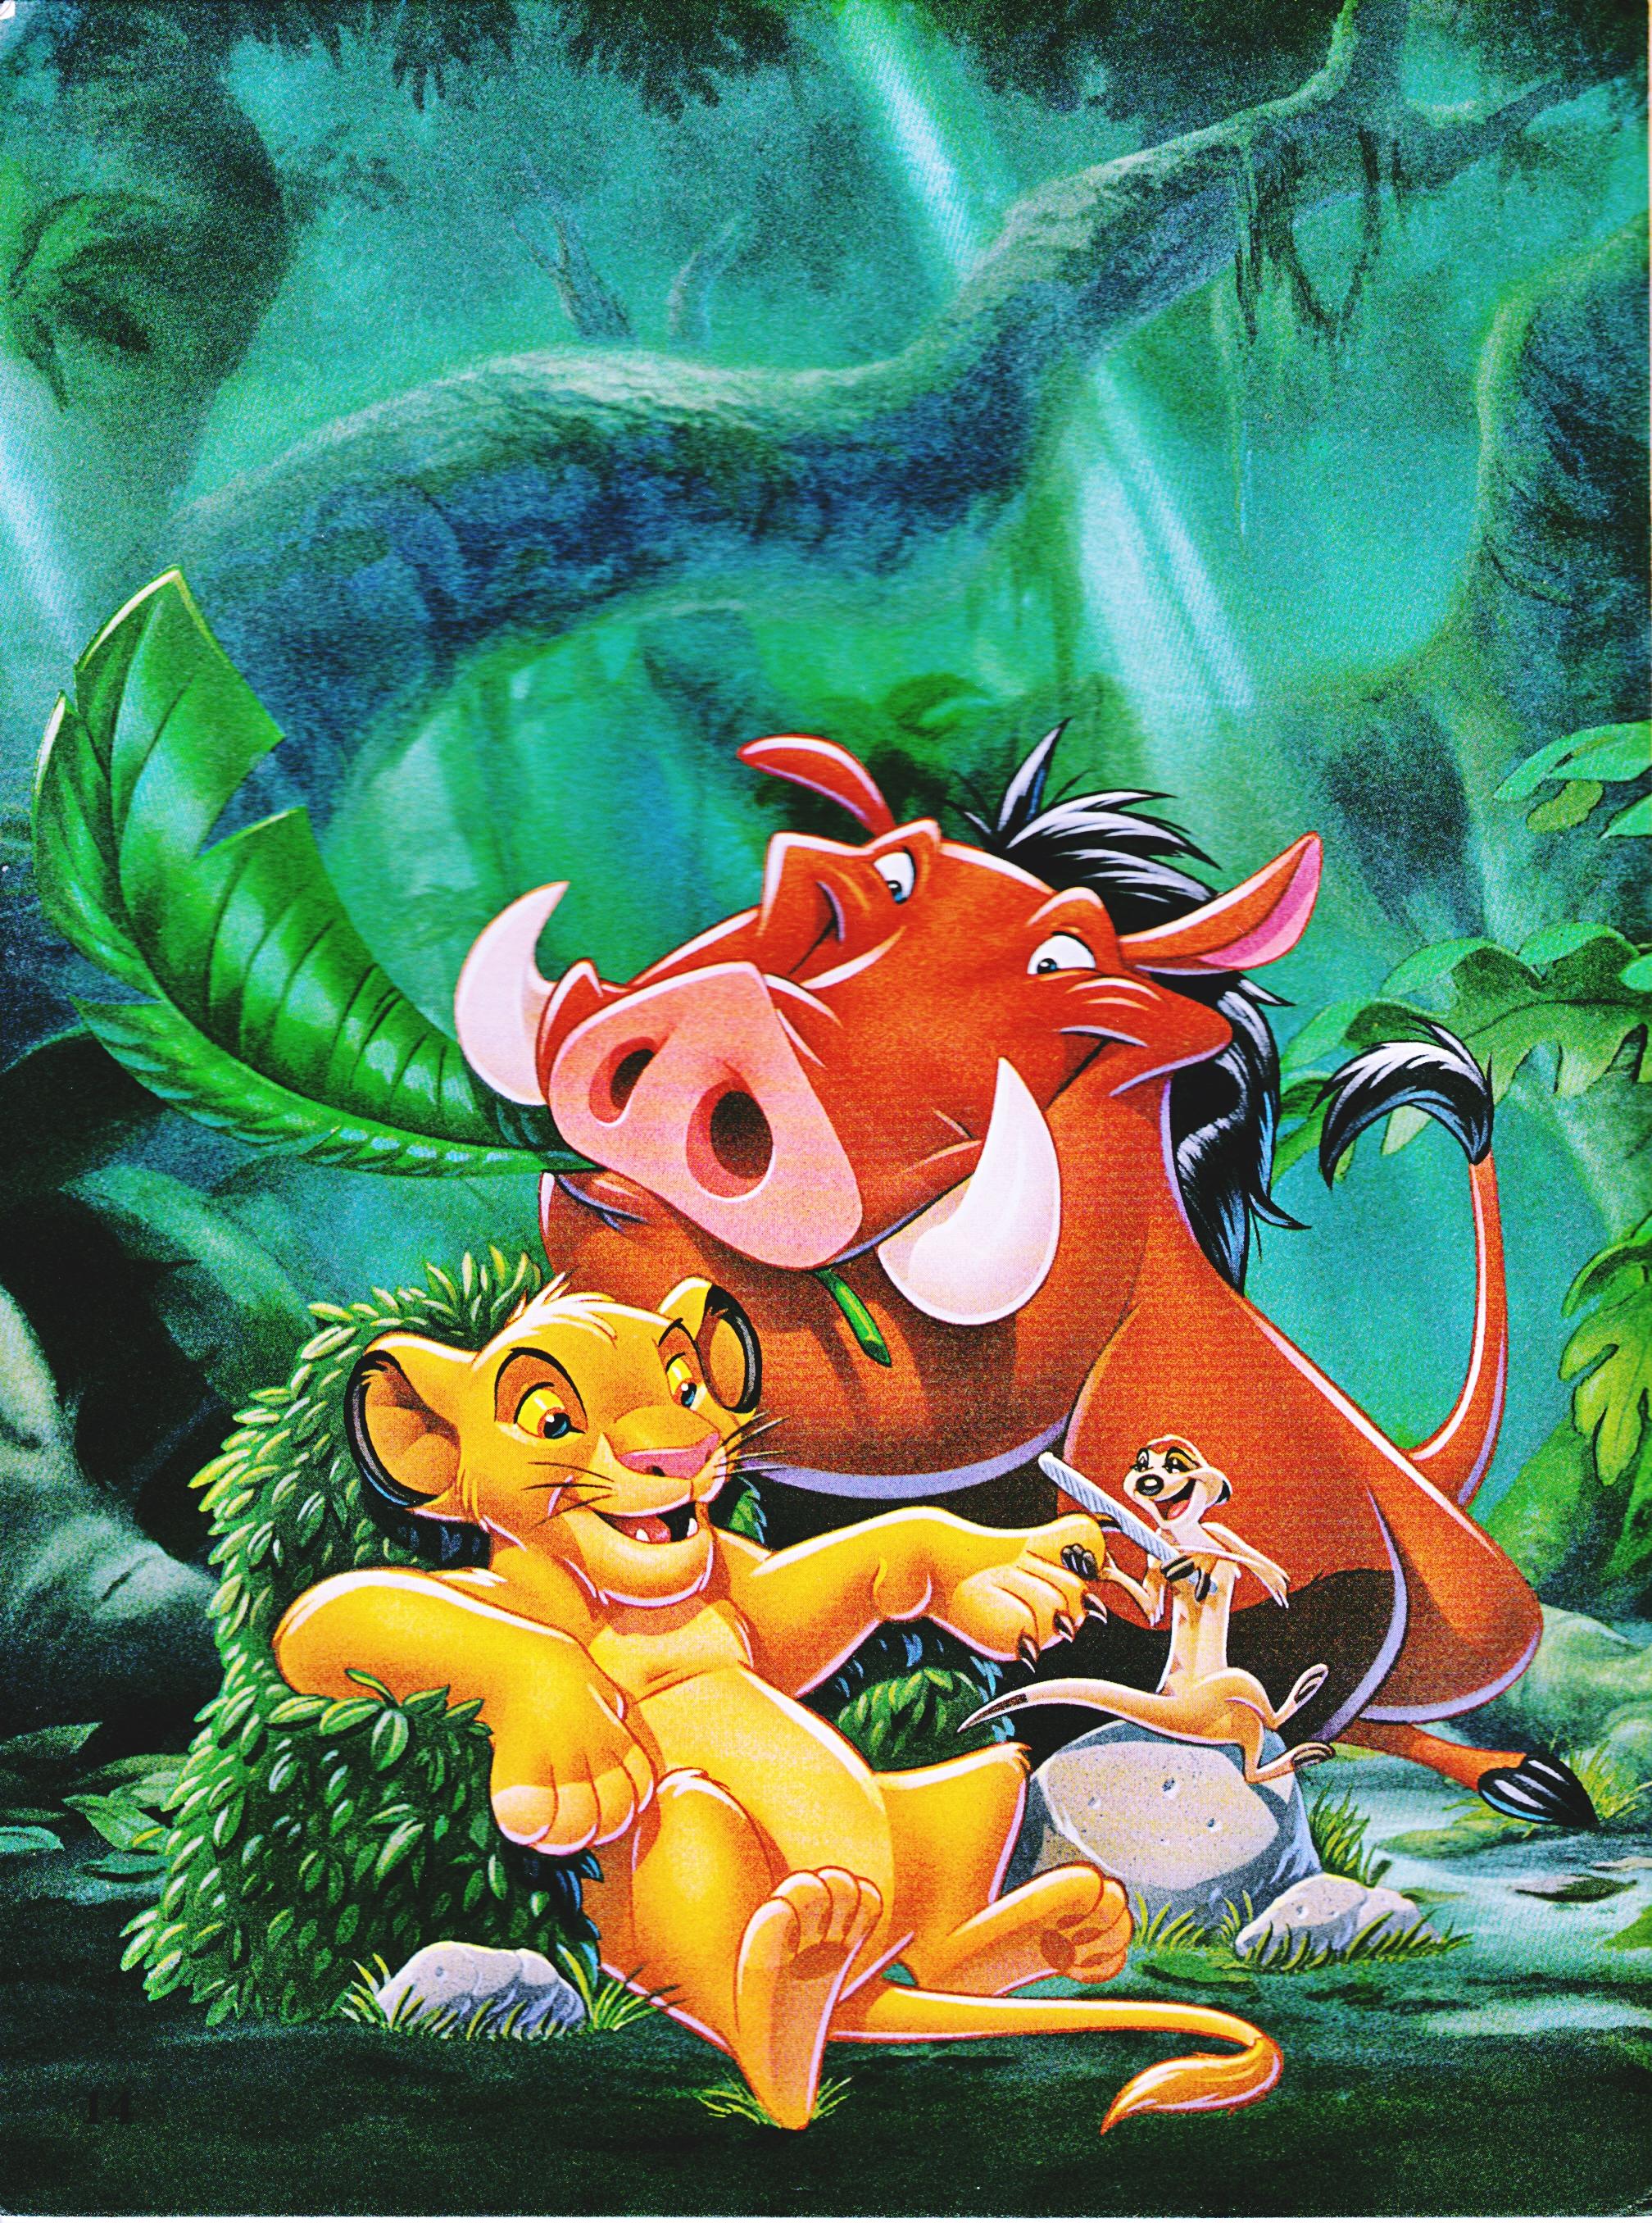 Walt 디즈니 Book 이미지 - Simba, Pumbaa & Timon